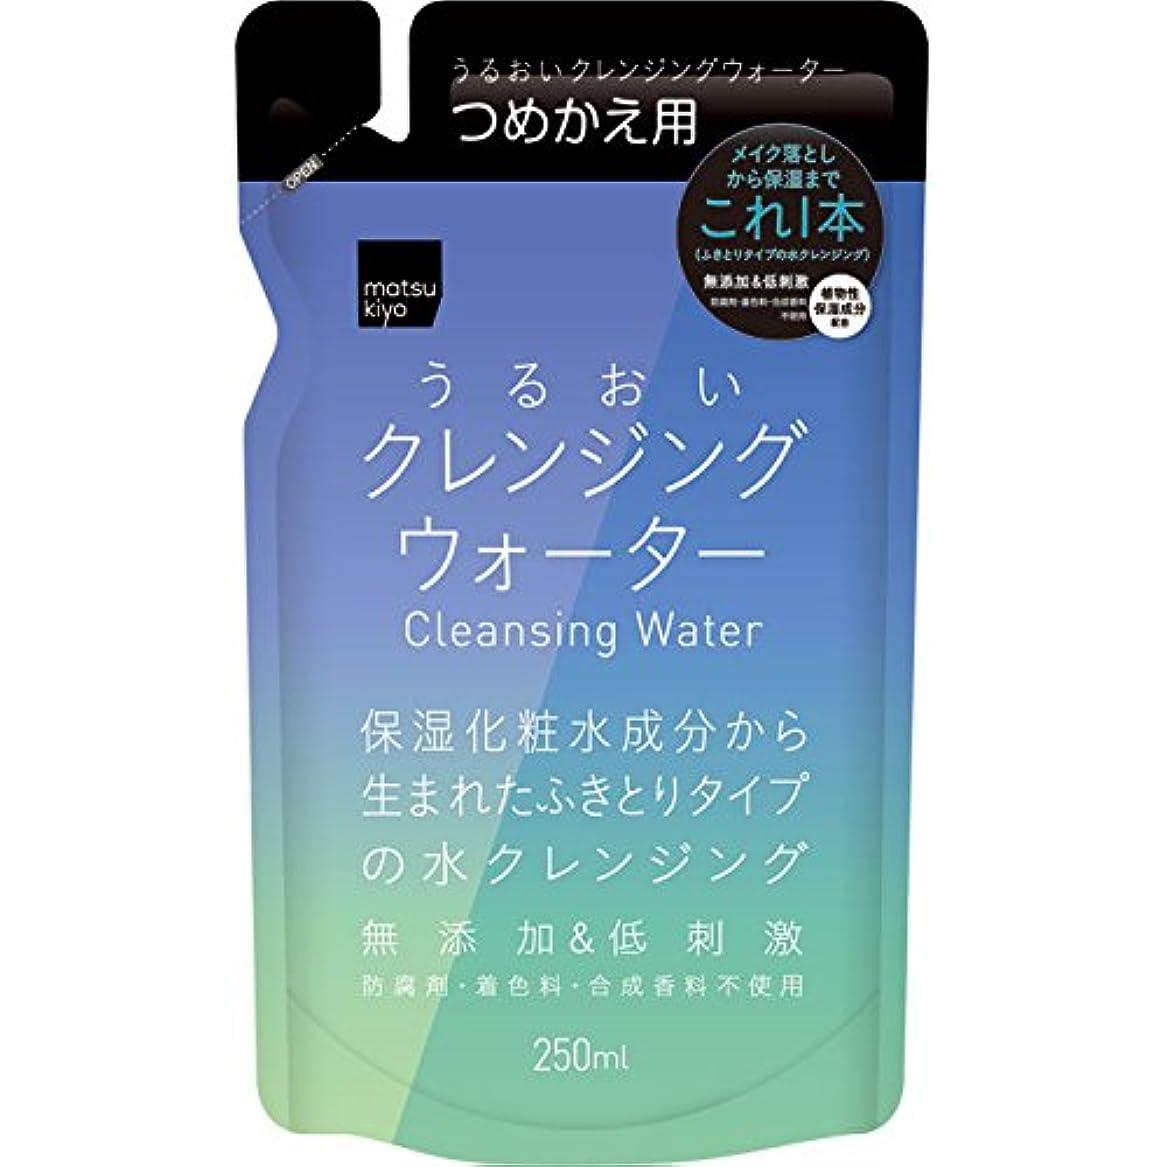 ミネラルチャンススキャンダラス熊野油脂 matsukiyo うるおいクレンジングウォーター 詰替 250ml詰替